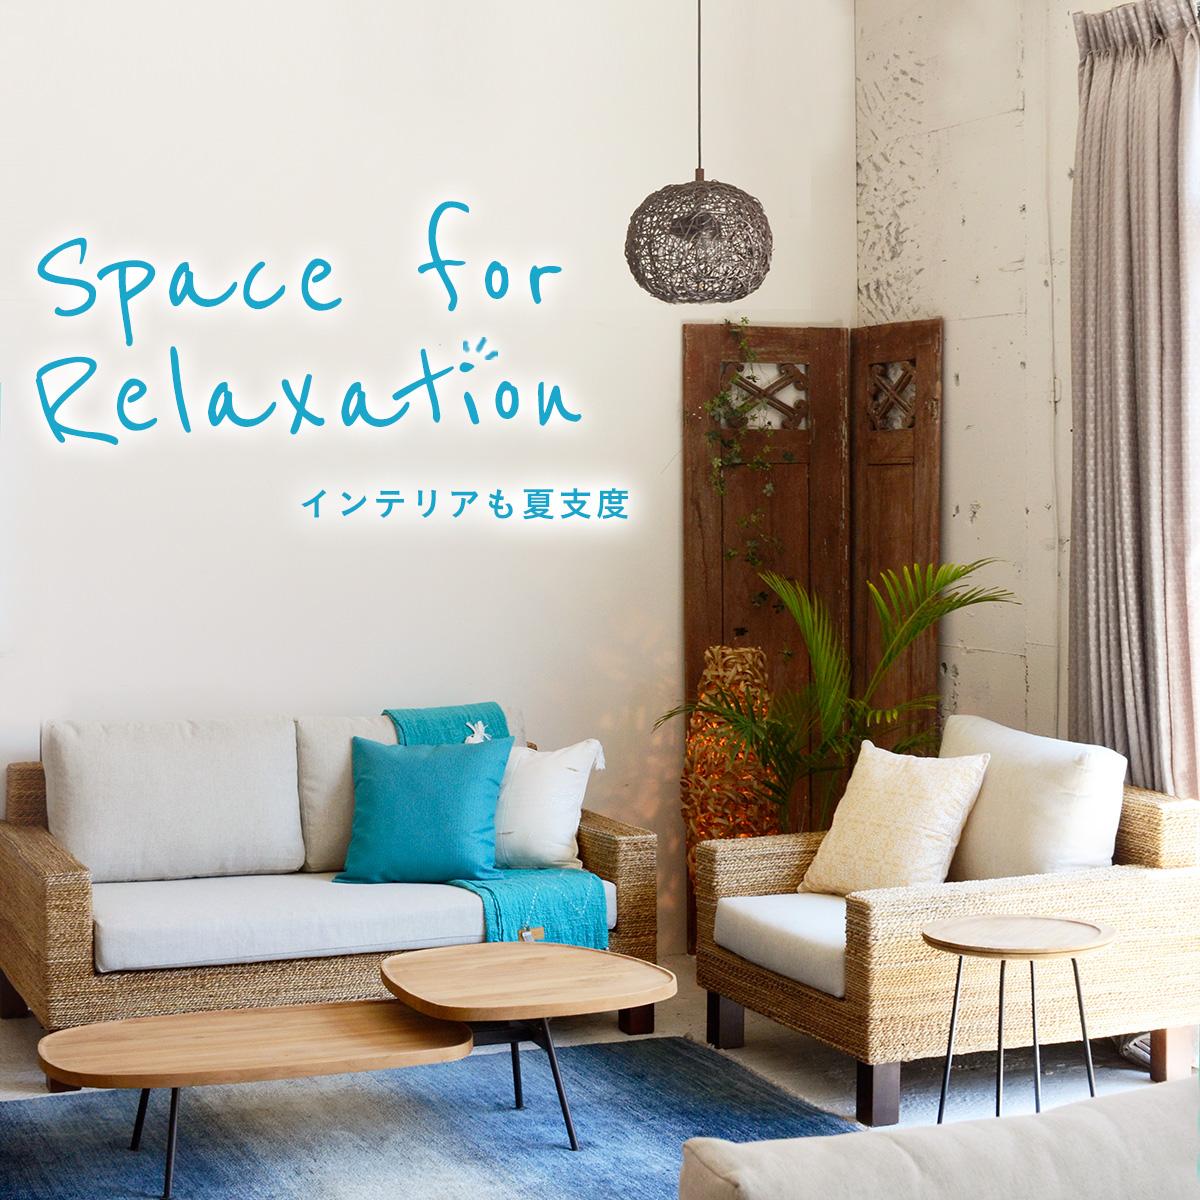 アジアン家具KAJAバナナリーフソファで作るくつろぎの空間